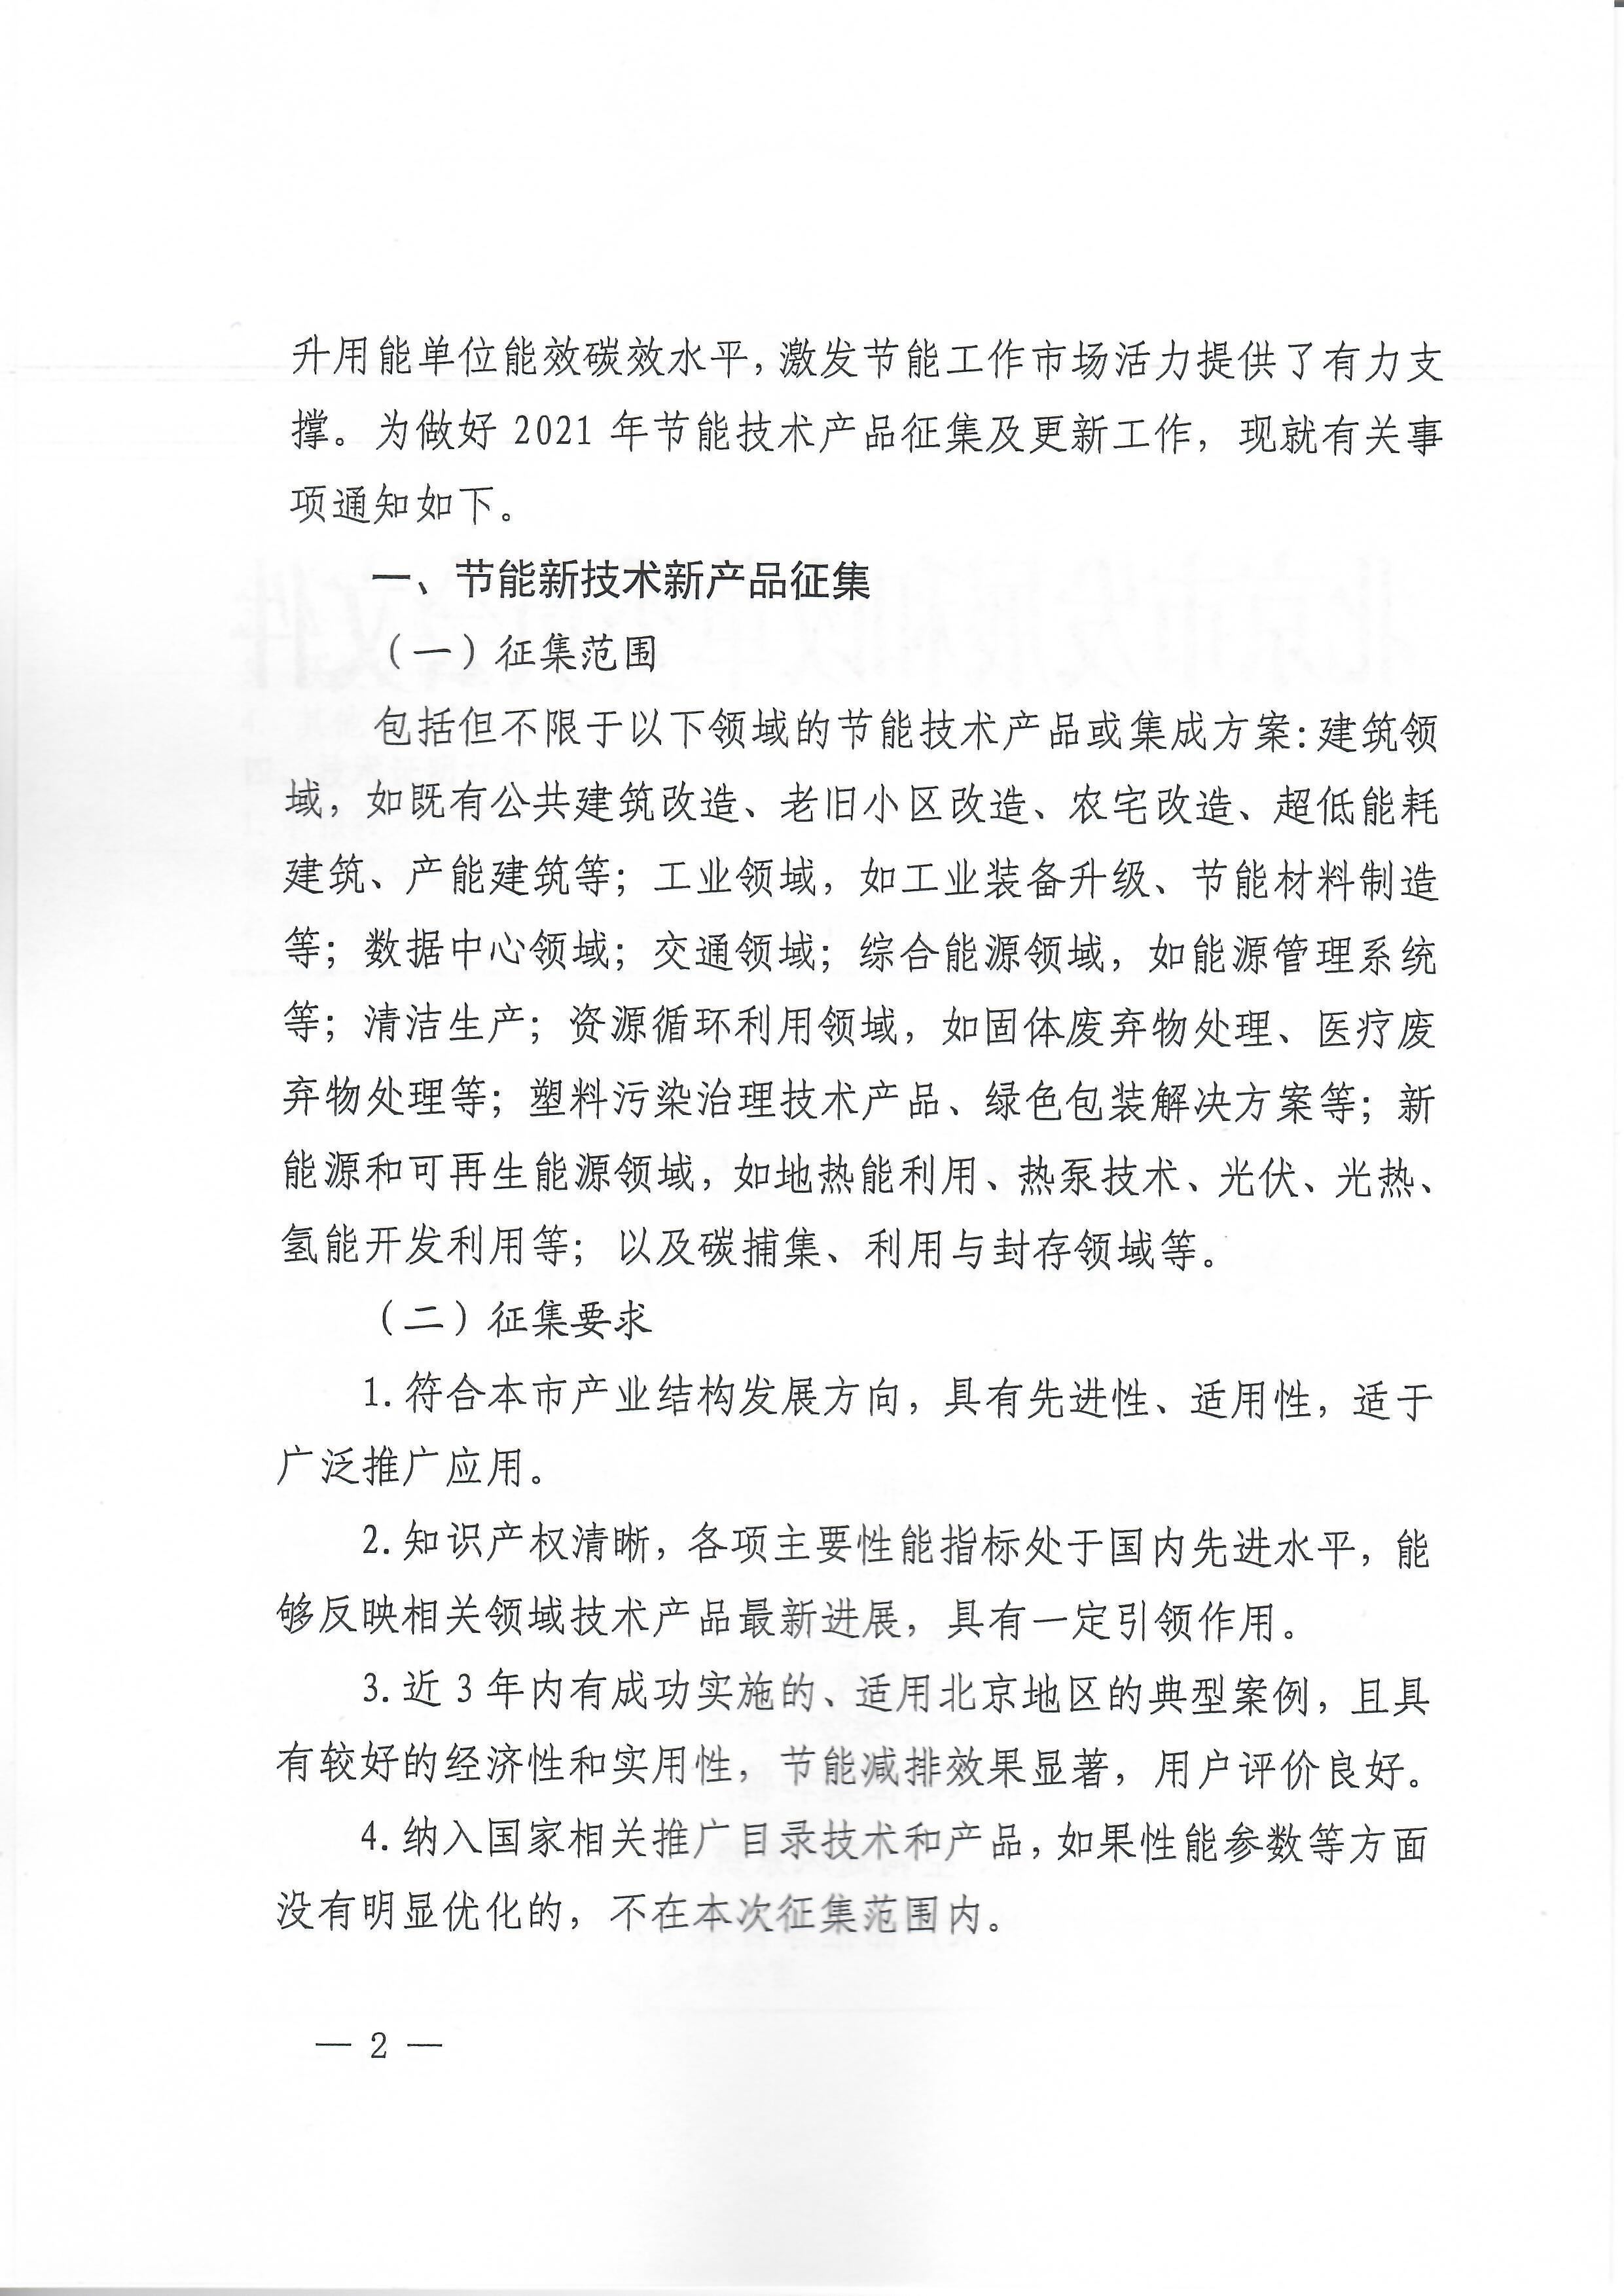 北京市节能技术产品征集通知_页面_02.jpg